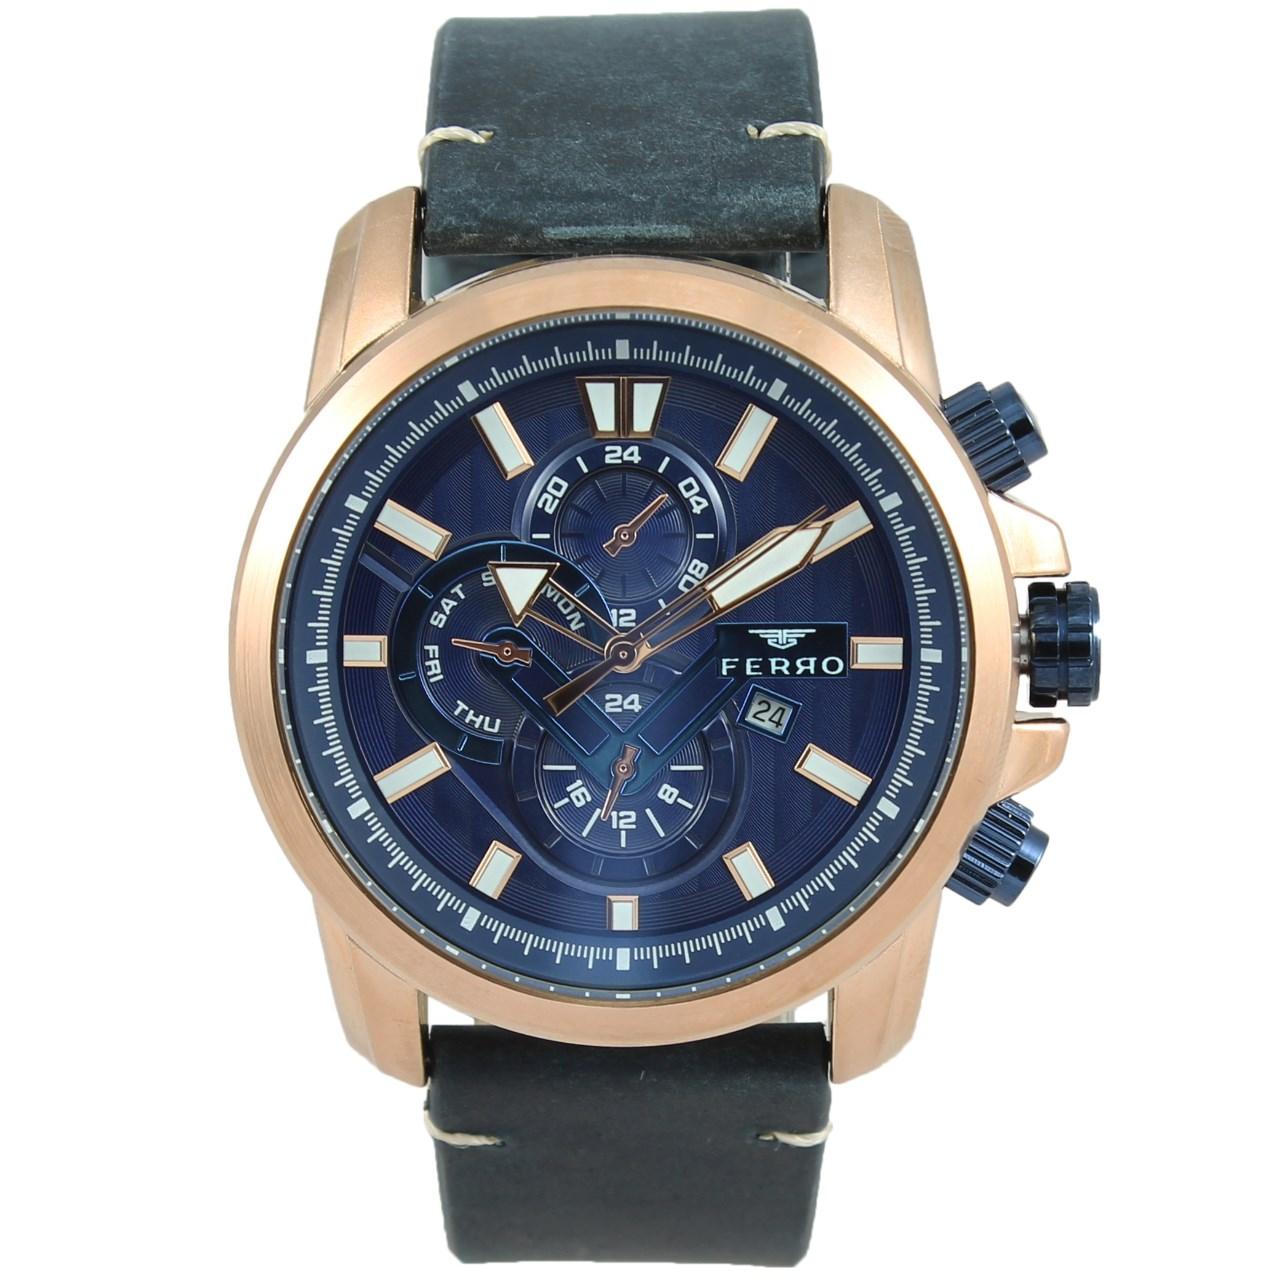 ساعت مچی عقربه ای مردانه فرو مدل F61514-565-T